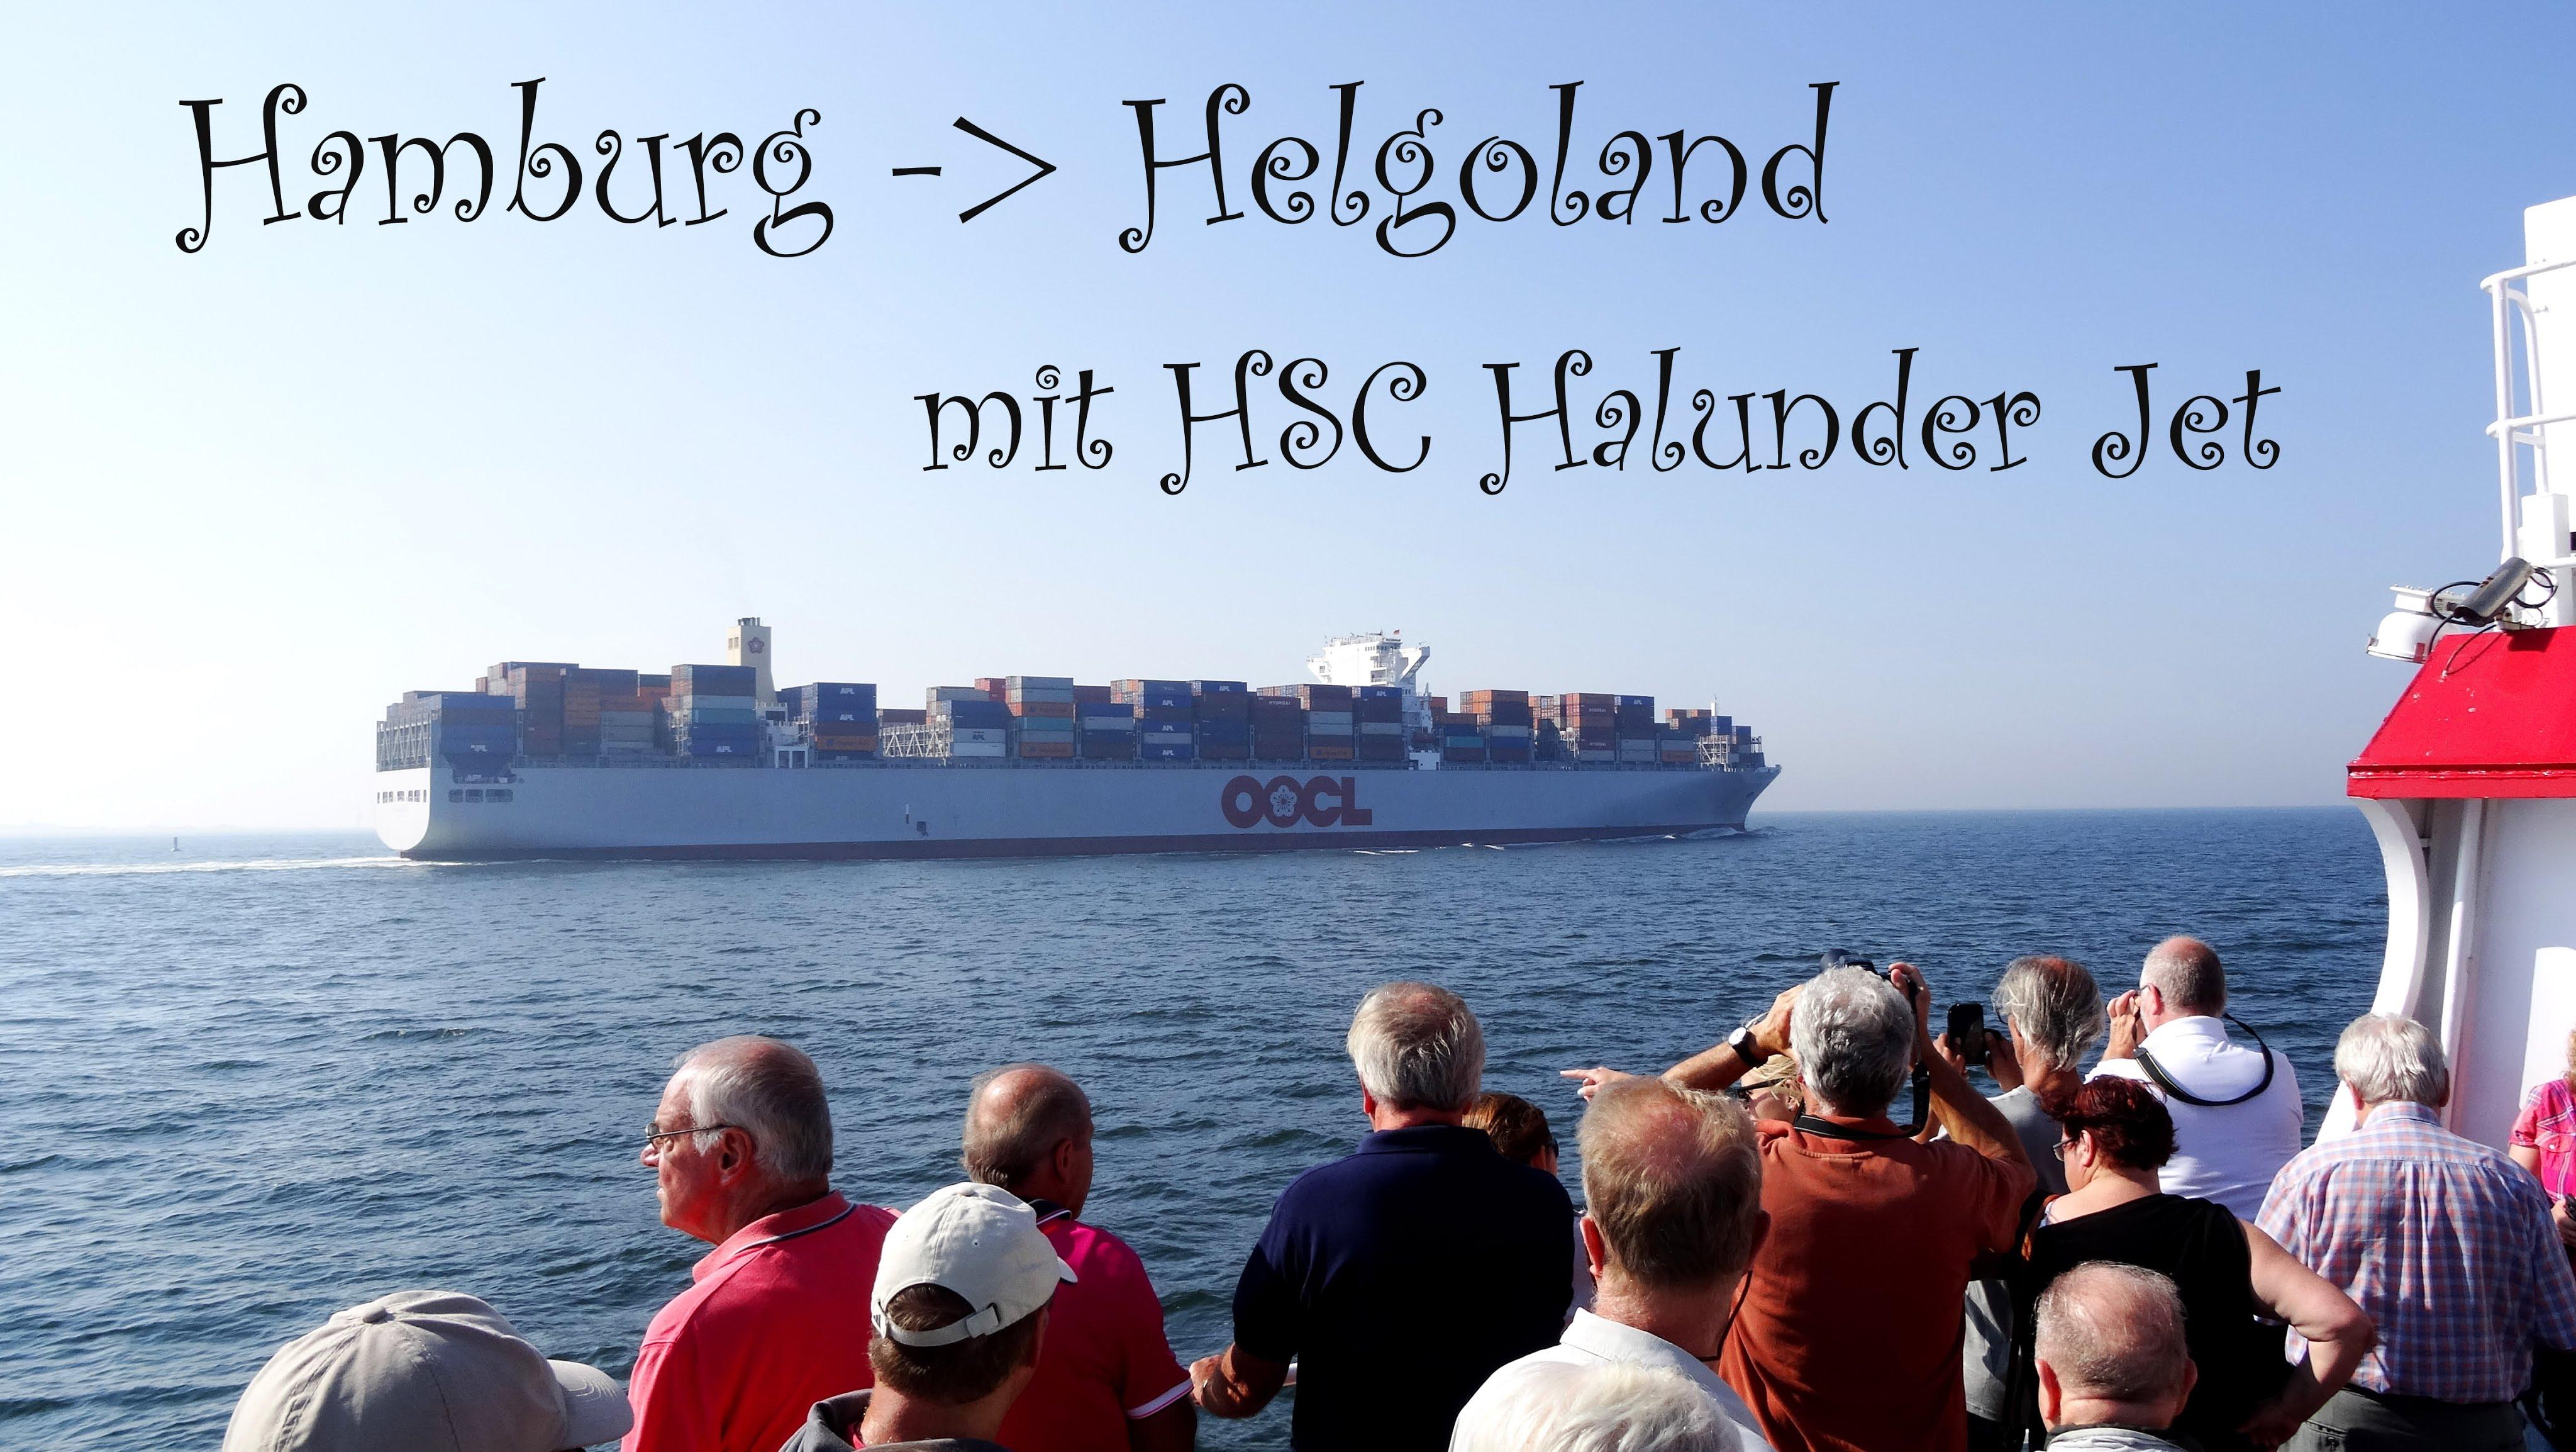 Schifffahrt Hamburg Helgoland über Wedel Cuxhaven HSC Halunder Jet.